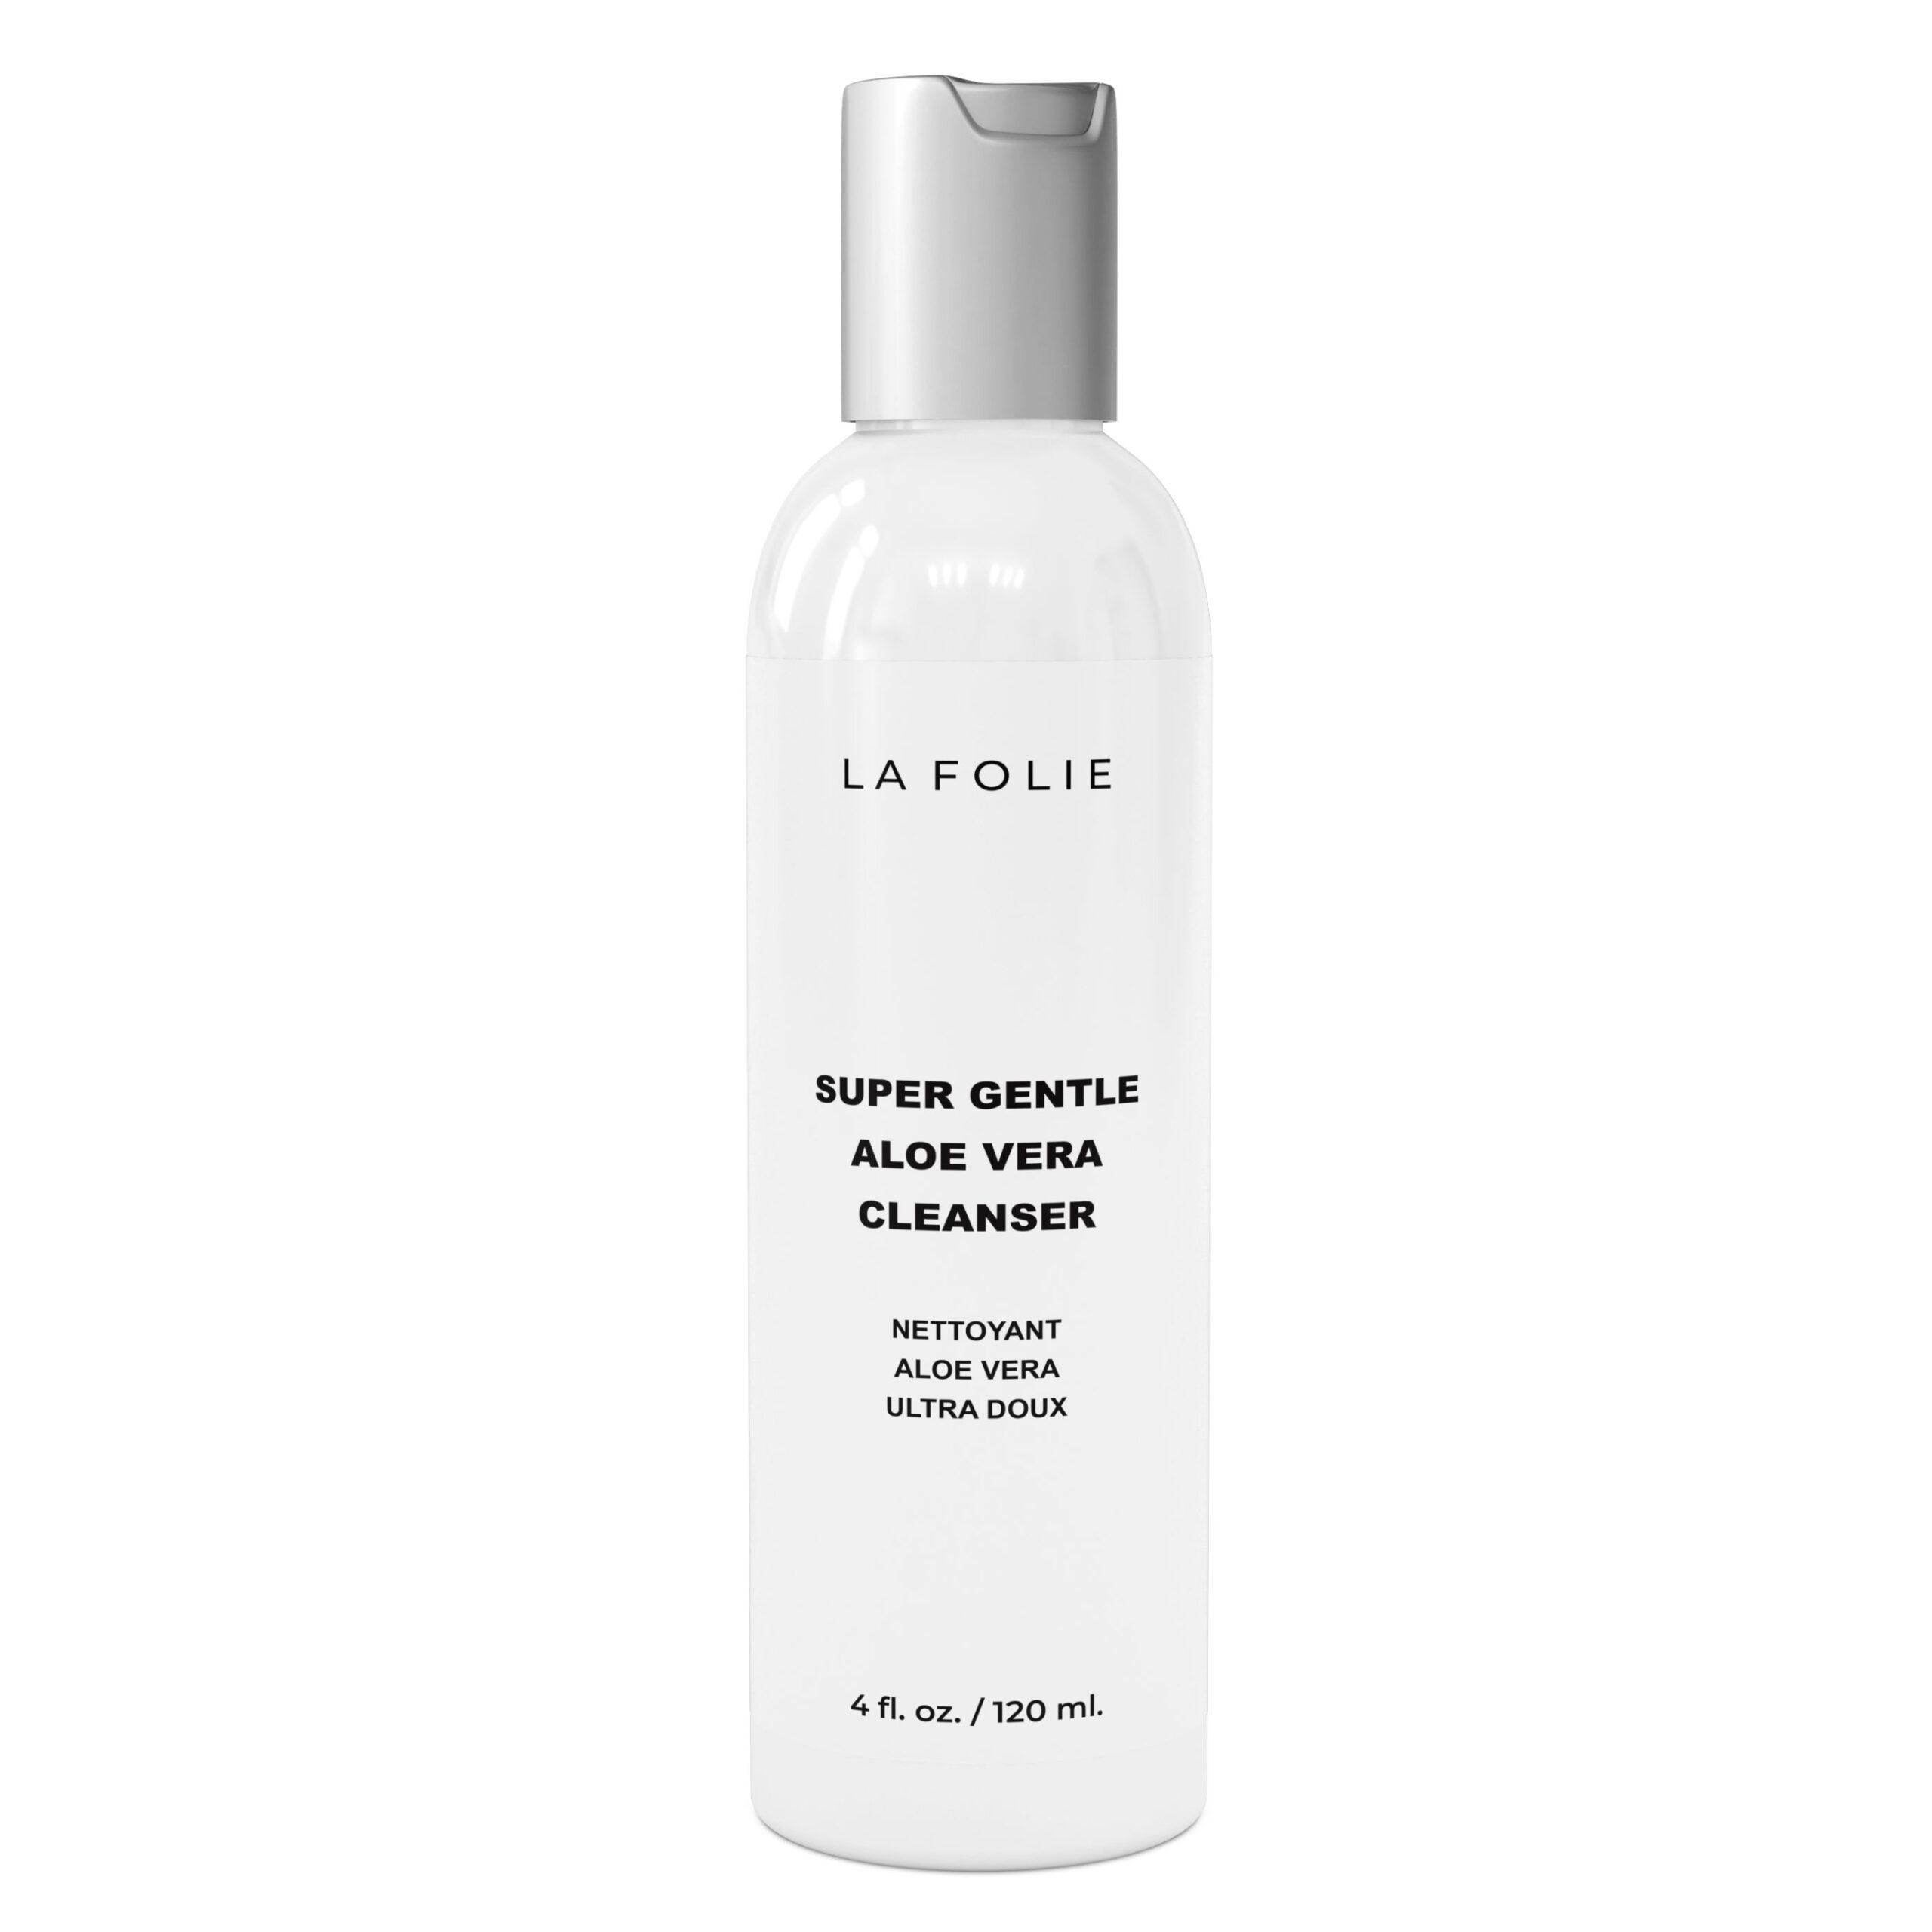 Gel de nettoyage doux utilisé pour laver le visage et éliminer l'huile de sébum, les pores de saleté d'acné